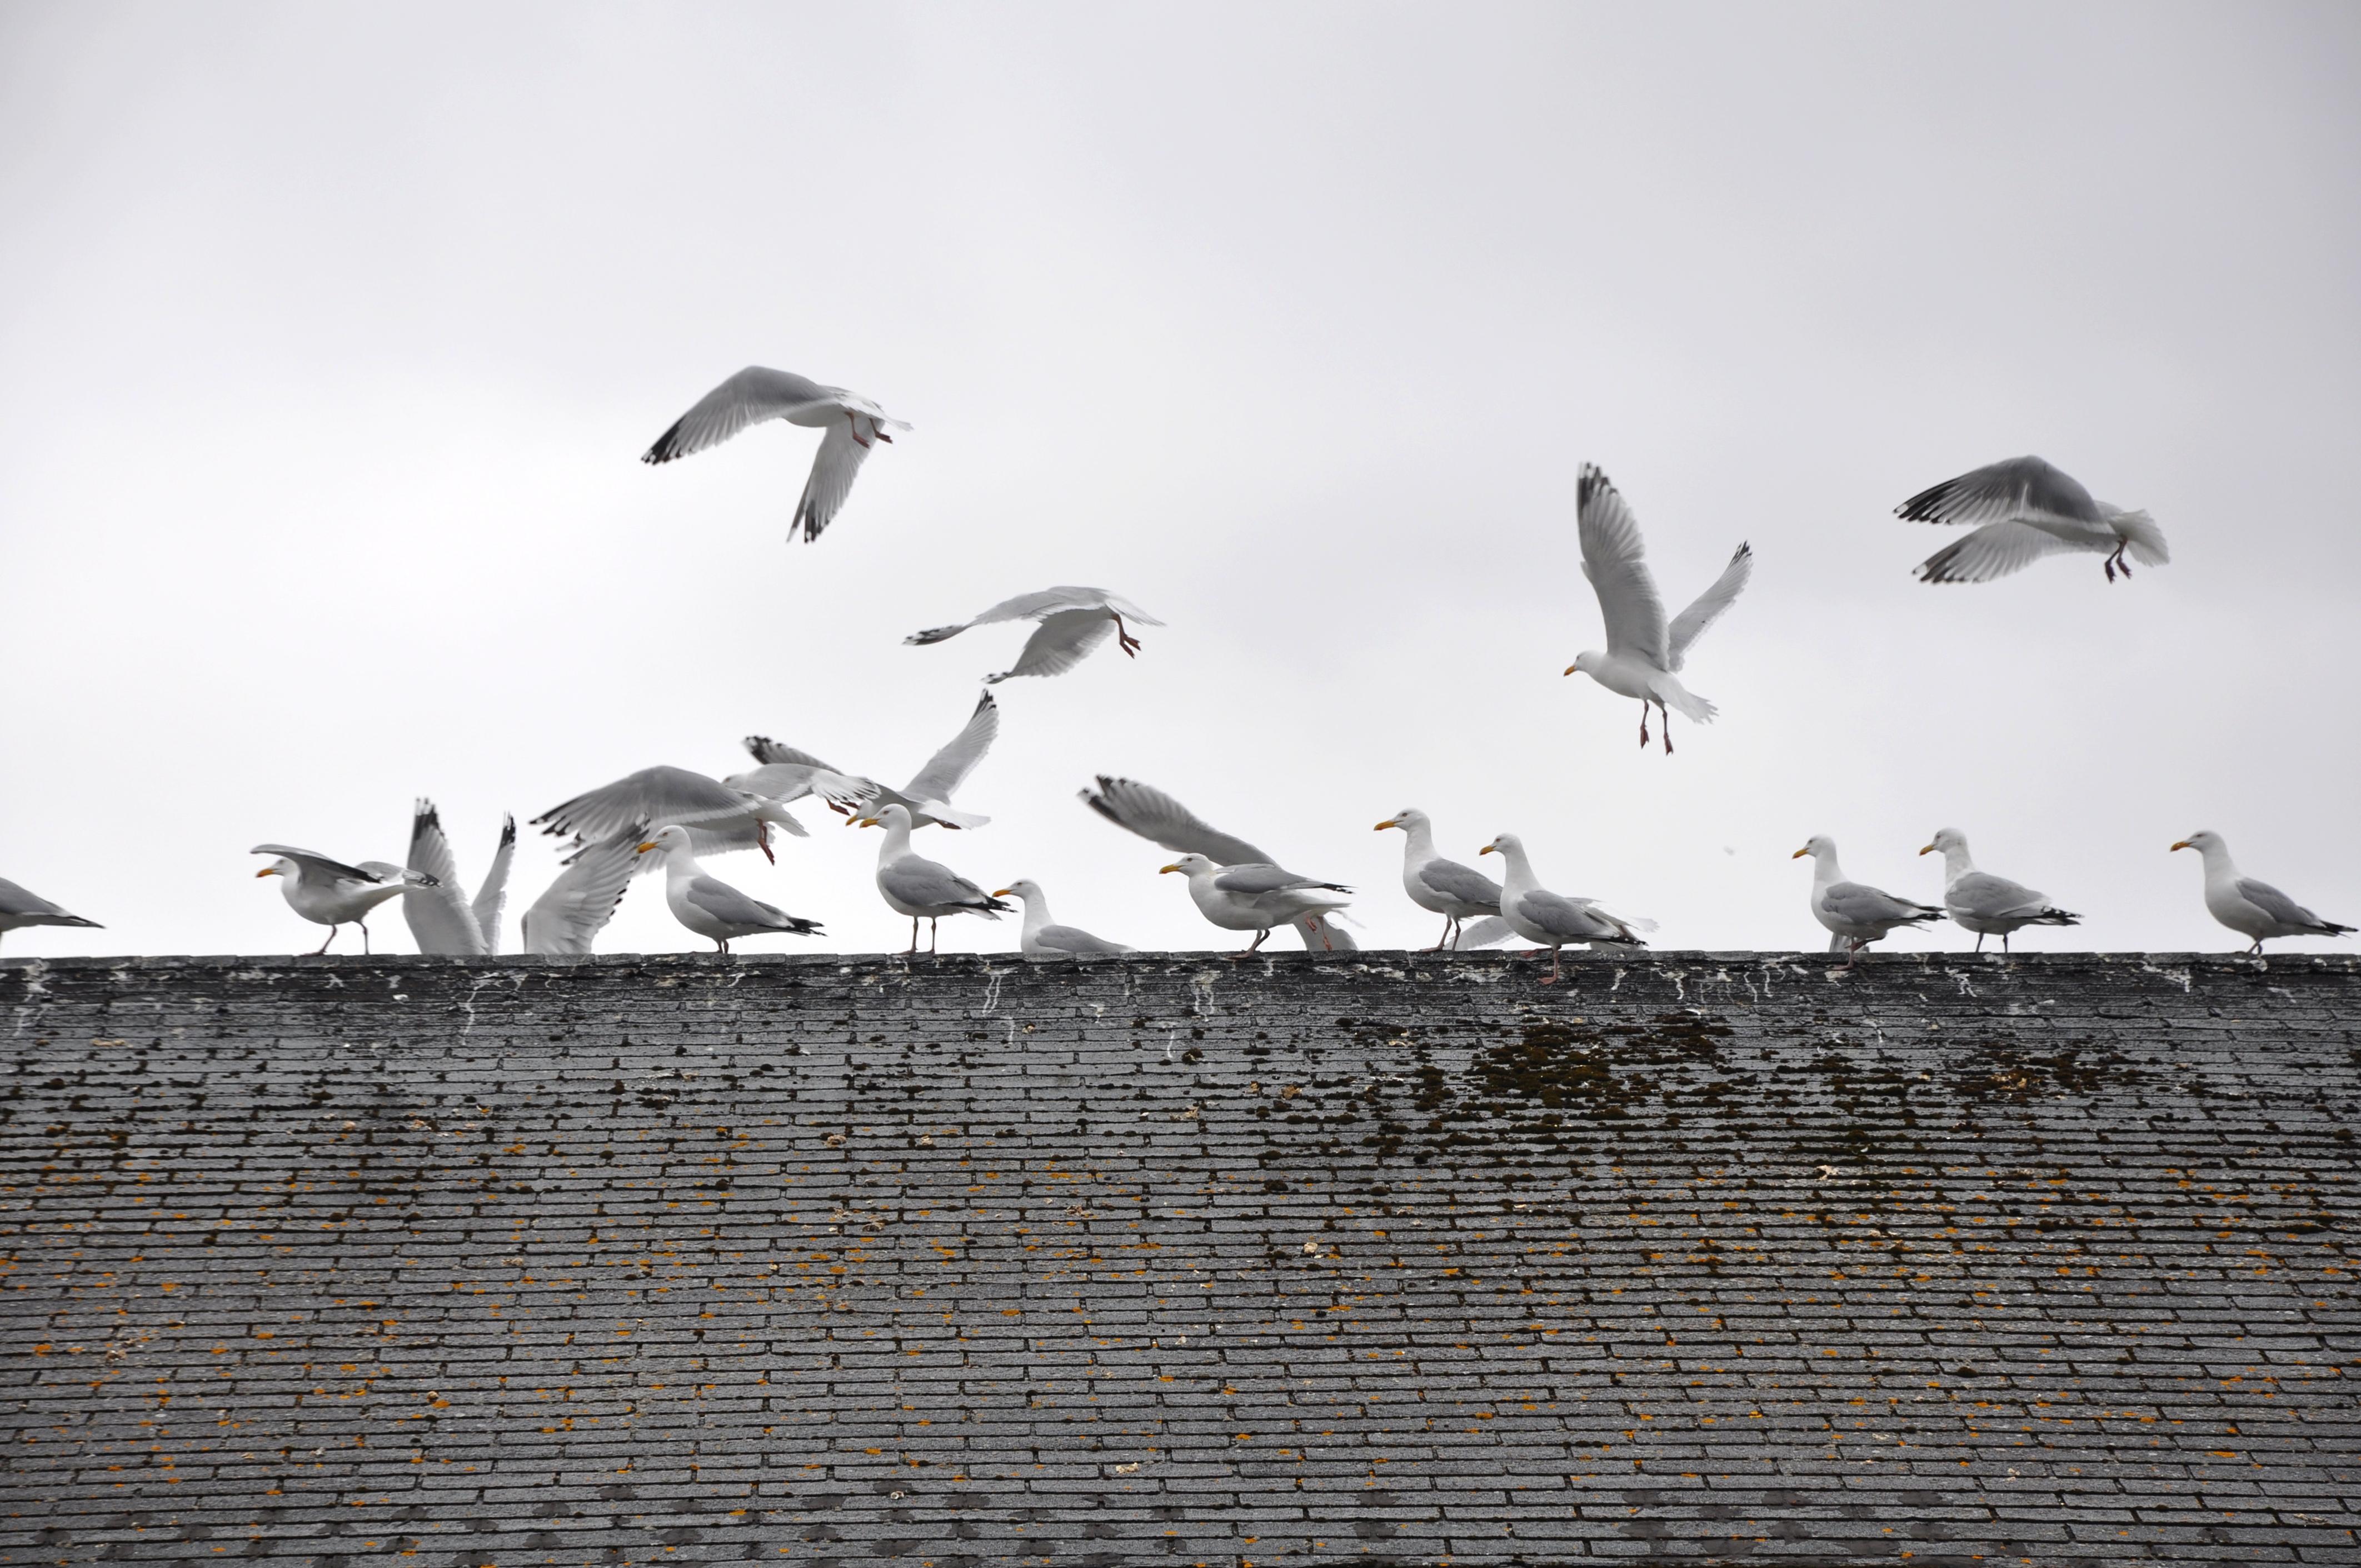 Cape Broyle Seagulls